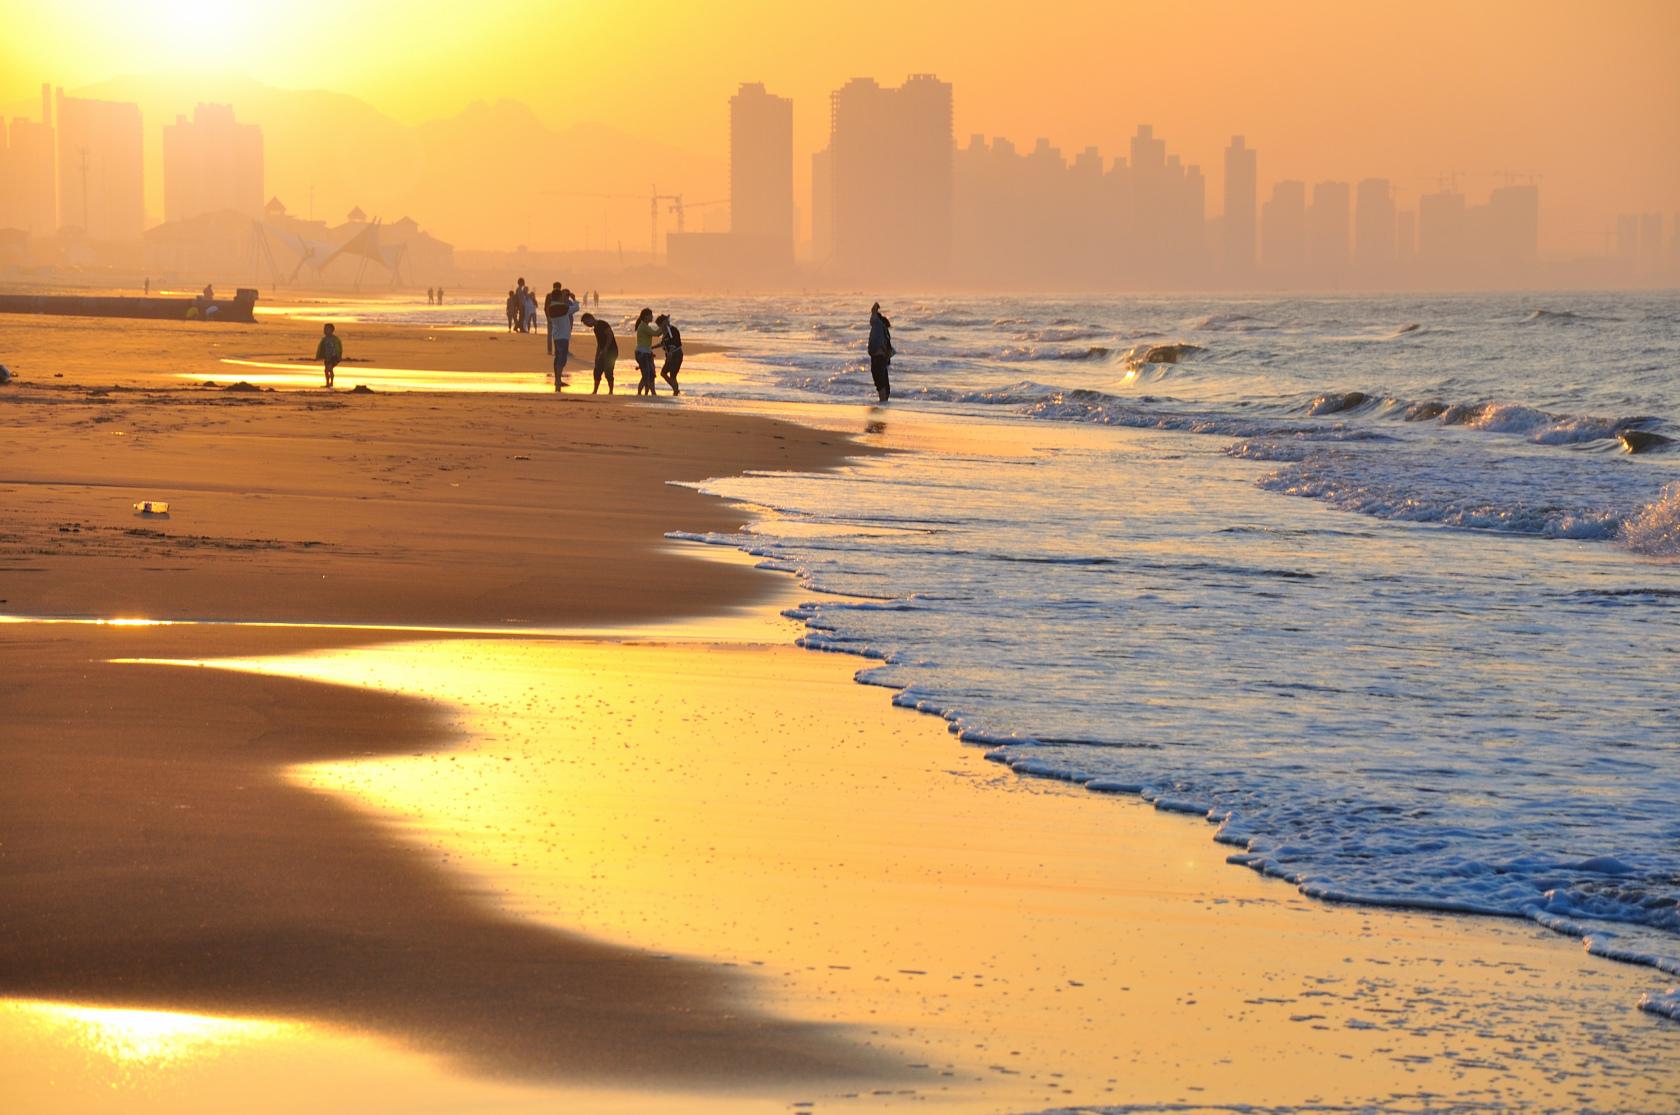 山东:五市联动整治旅游市场秩序 打击不法行为